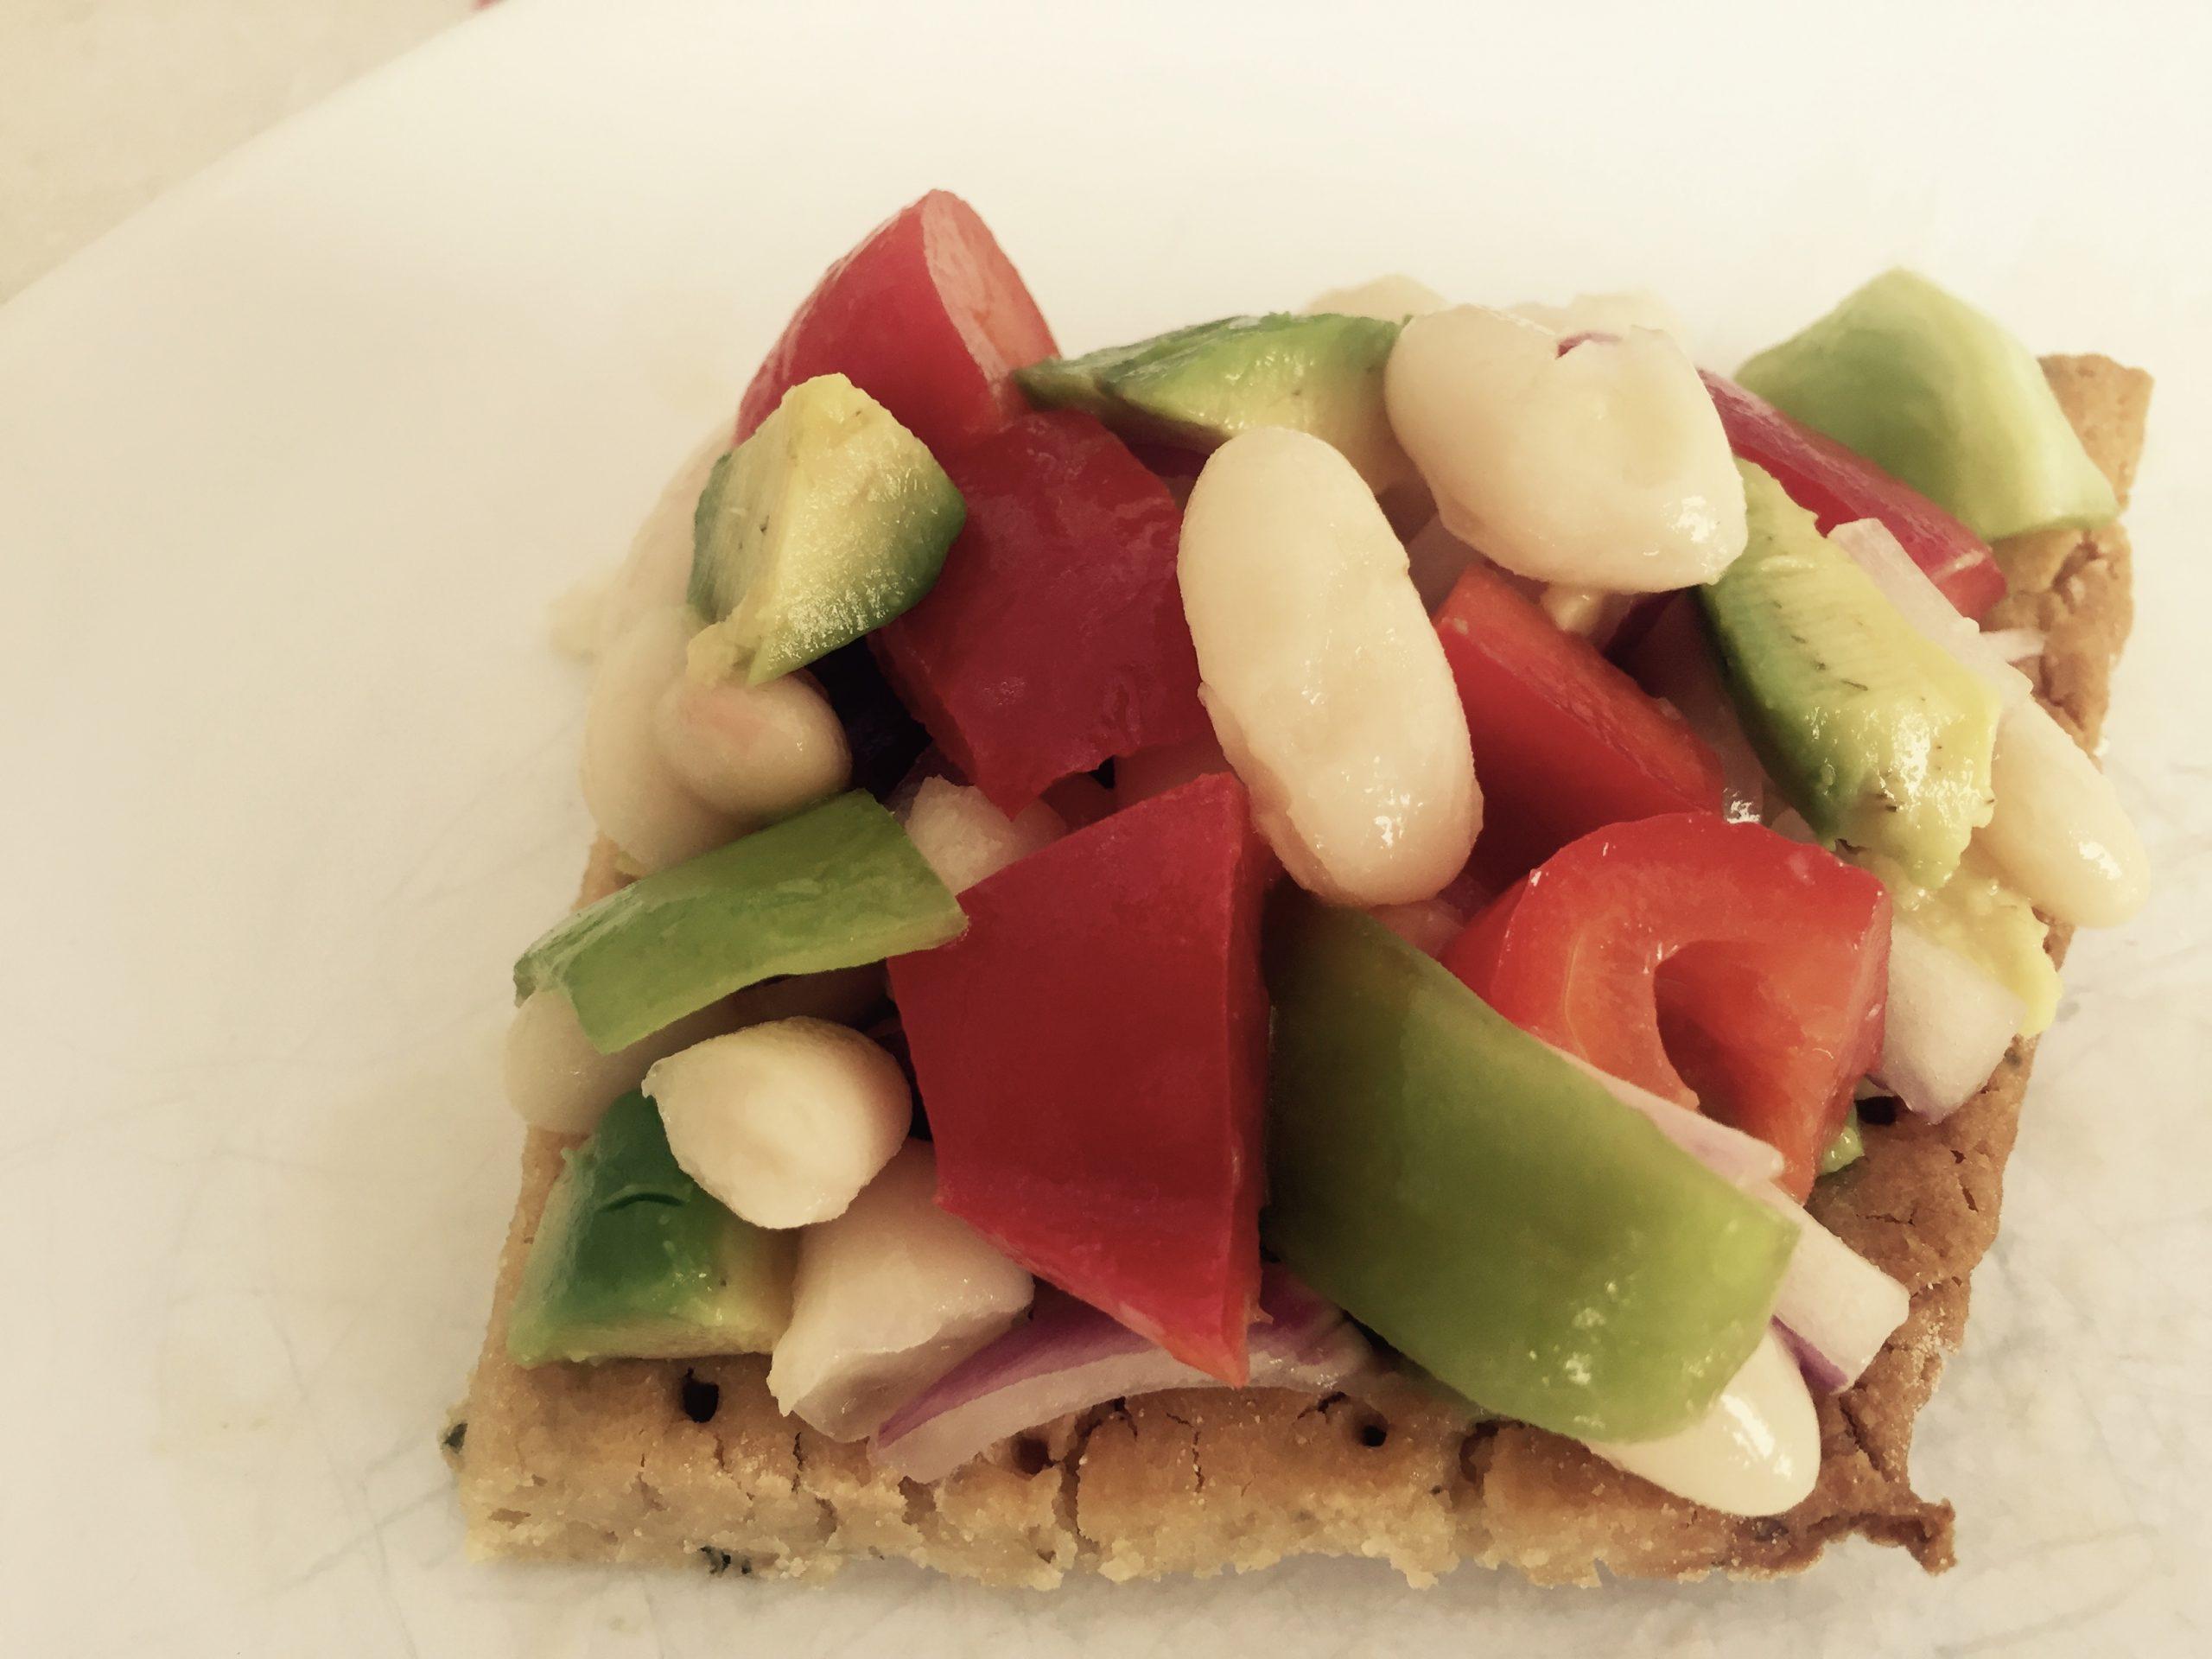 Receta de alubias y aguacate sobre pan crujiente